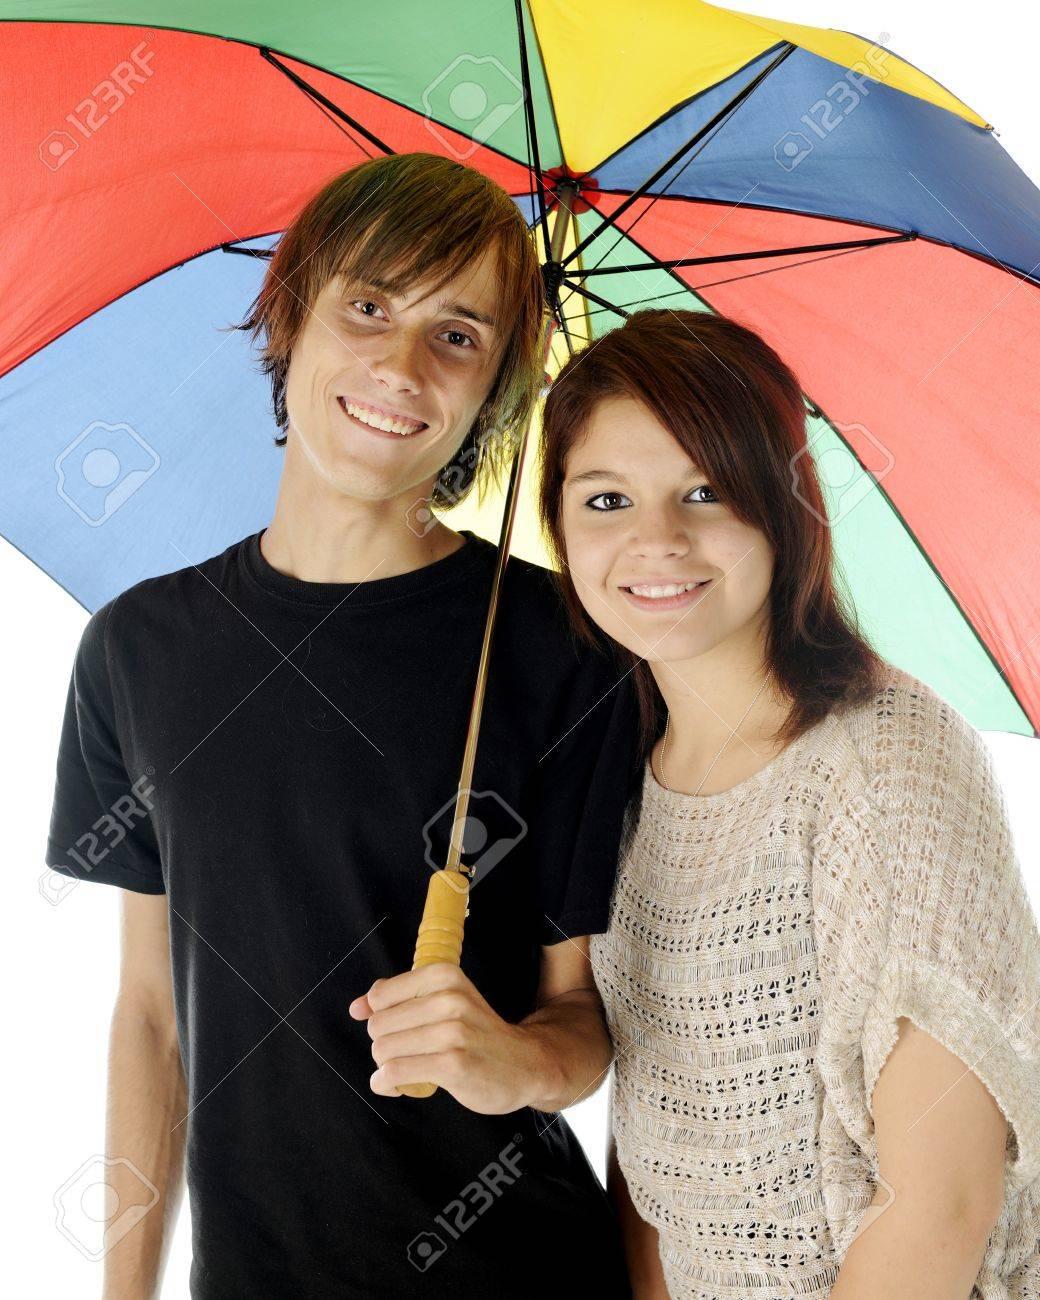 banque dimages un couple jeune adolescent heureux ensemble sous un parapluie color sur un fond blanc - Parapluie Color